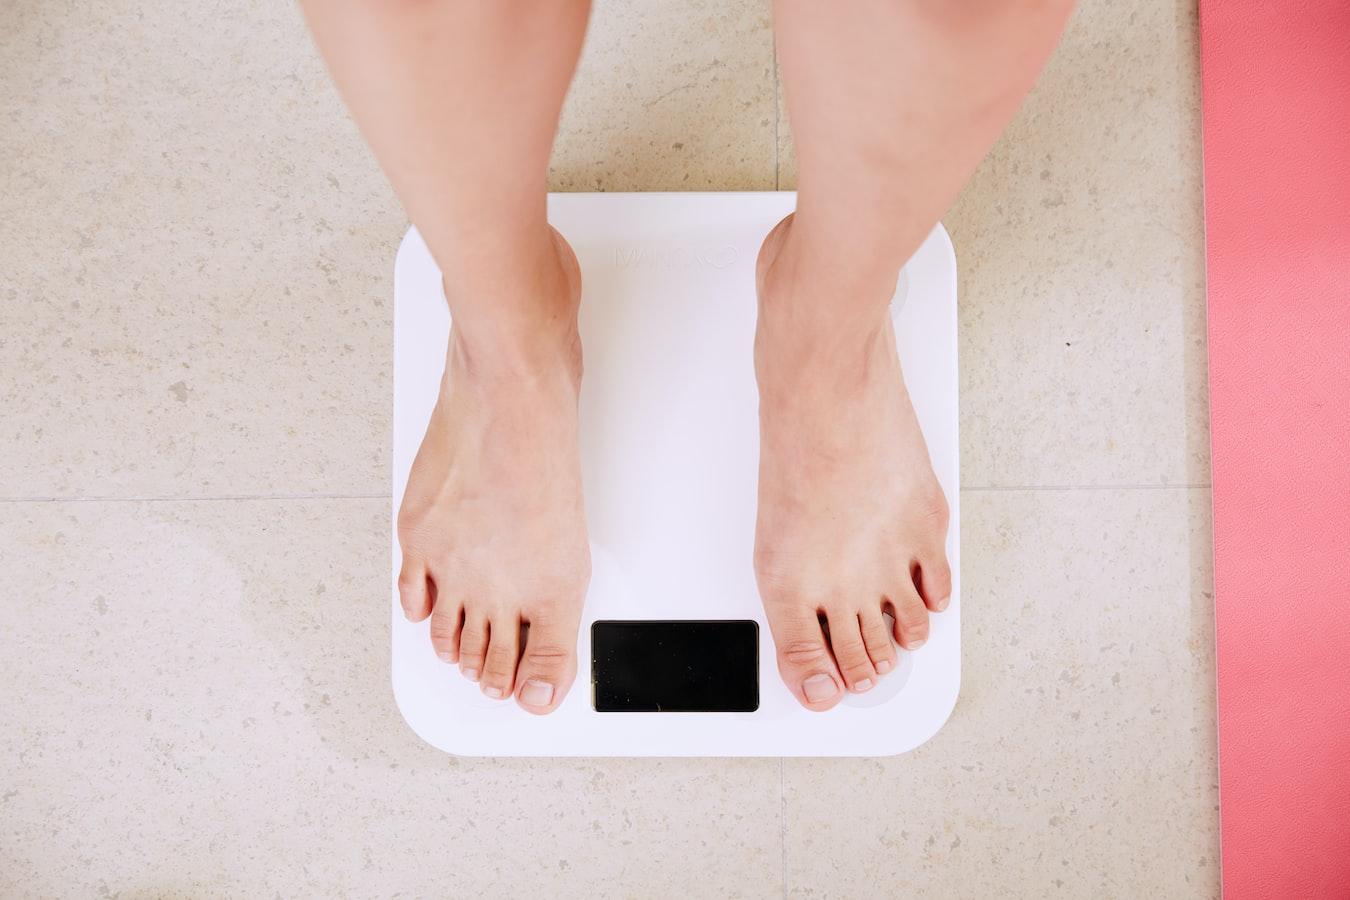 間歇性斷食到一半,體重就停了?醫師 3 招突破減重停滯期